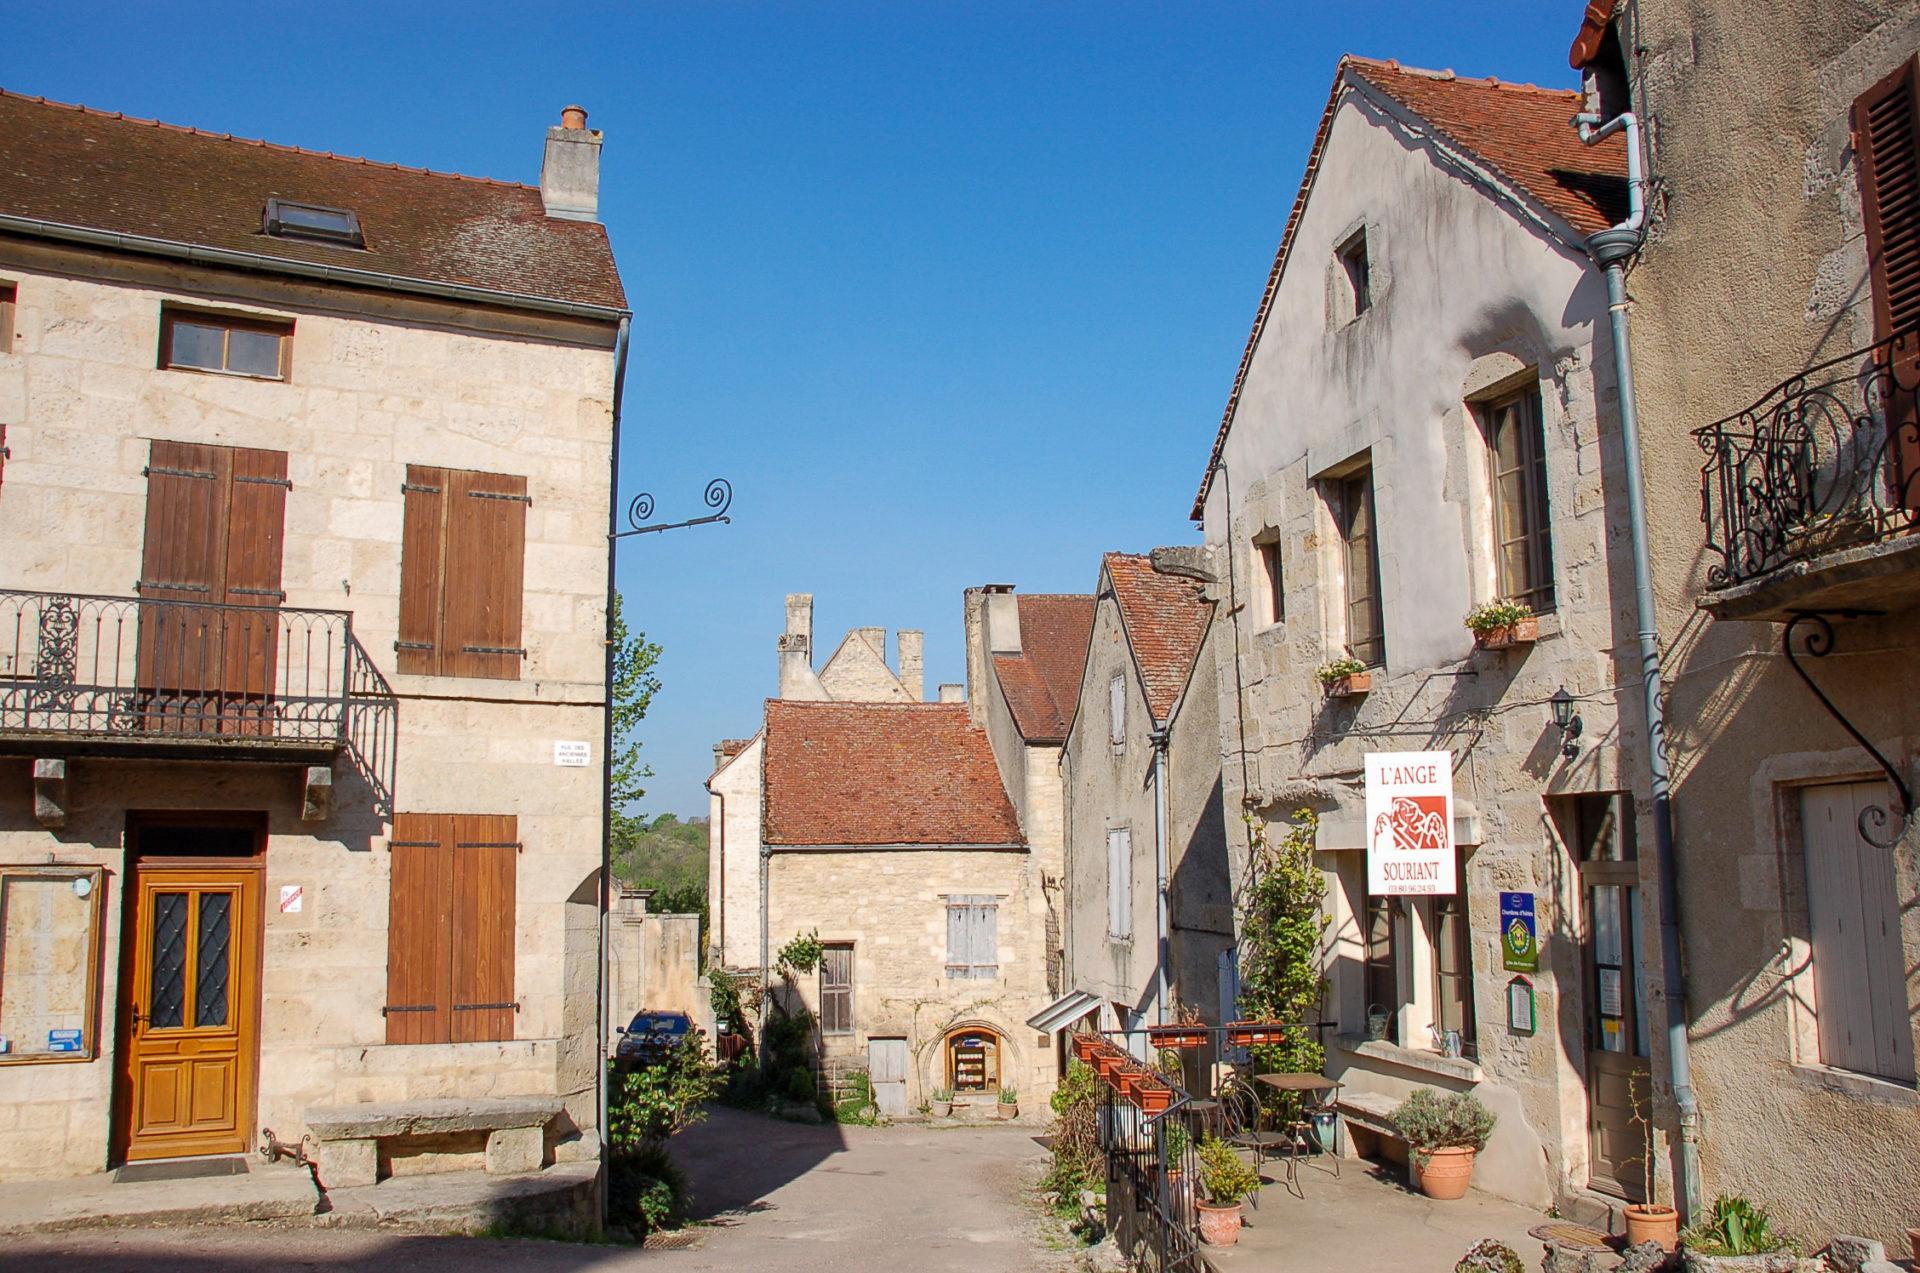 Das Dorf Flavigny in Burgund gehört zu den schönsten Dörfern Frankreichs